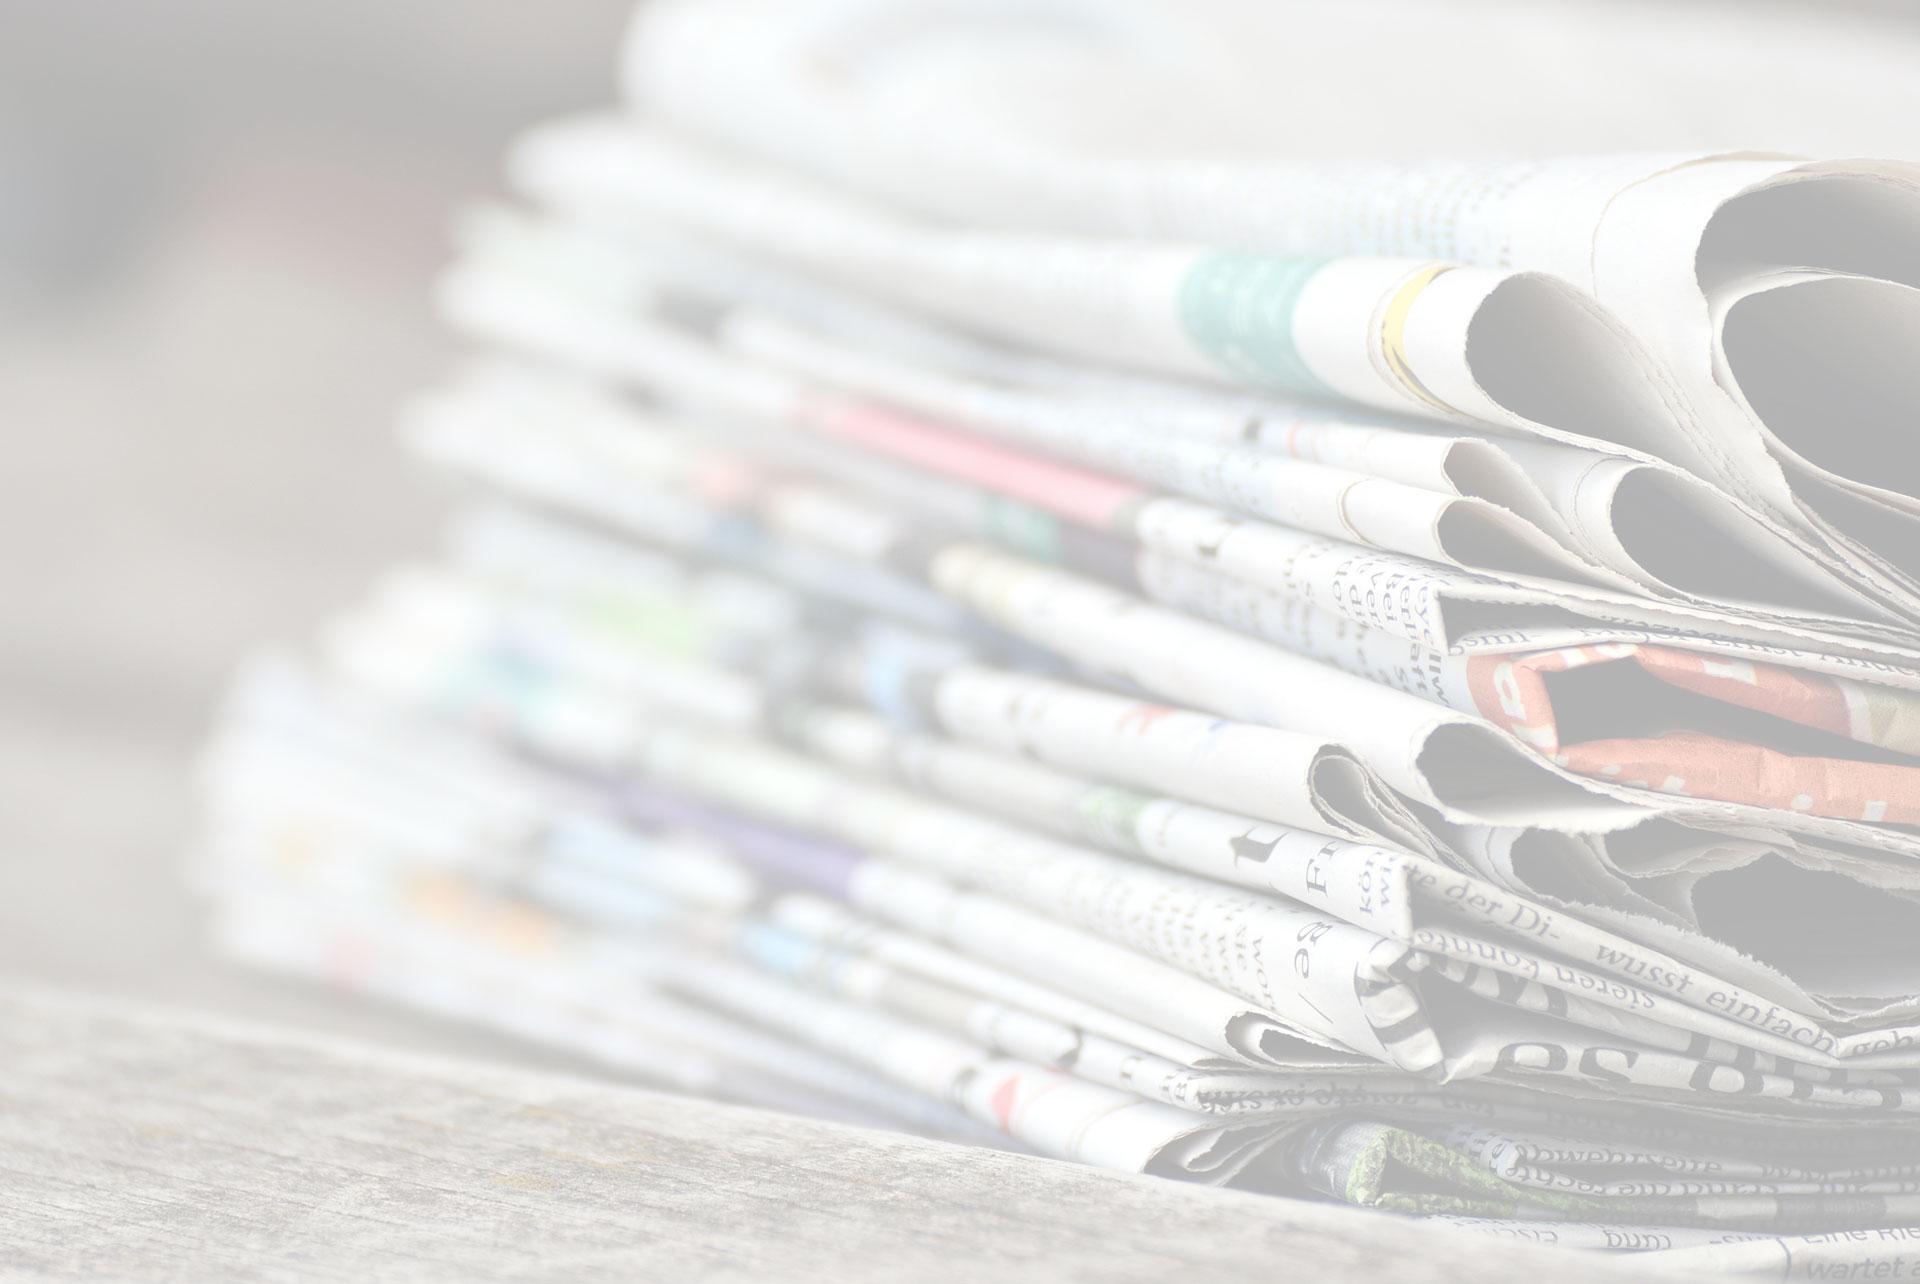 Sale ancora il prezzo della benzina: 1,593 euro al litro